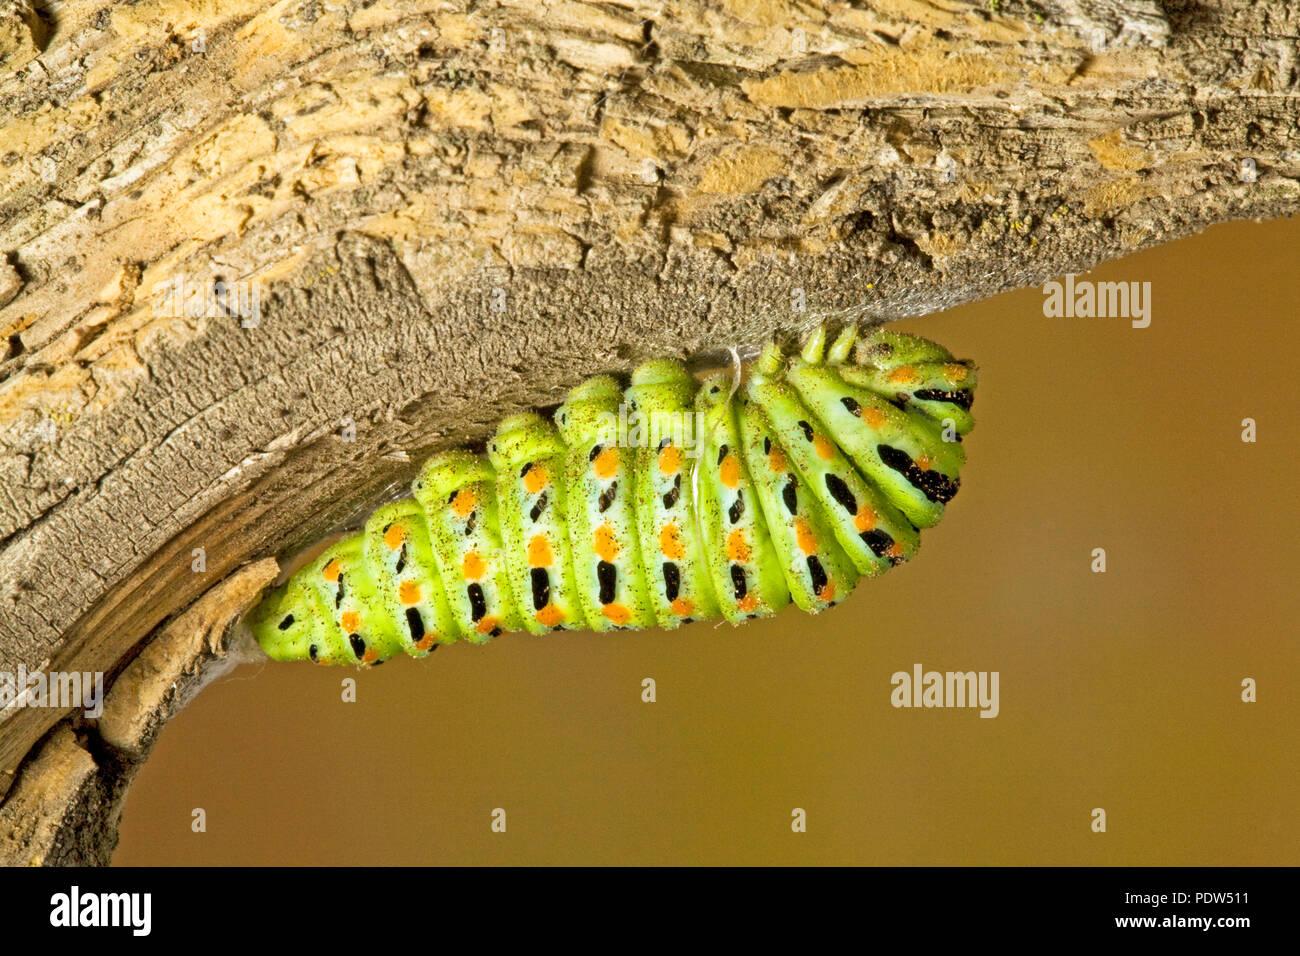 La crisálida de una especie de anís caterpillar, mariposas, silked Papil a una rama del árbol, en las montañas de la cascada de Oregon central. Foto de stock